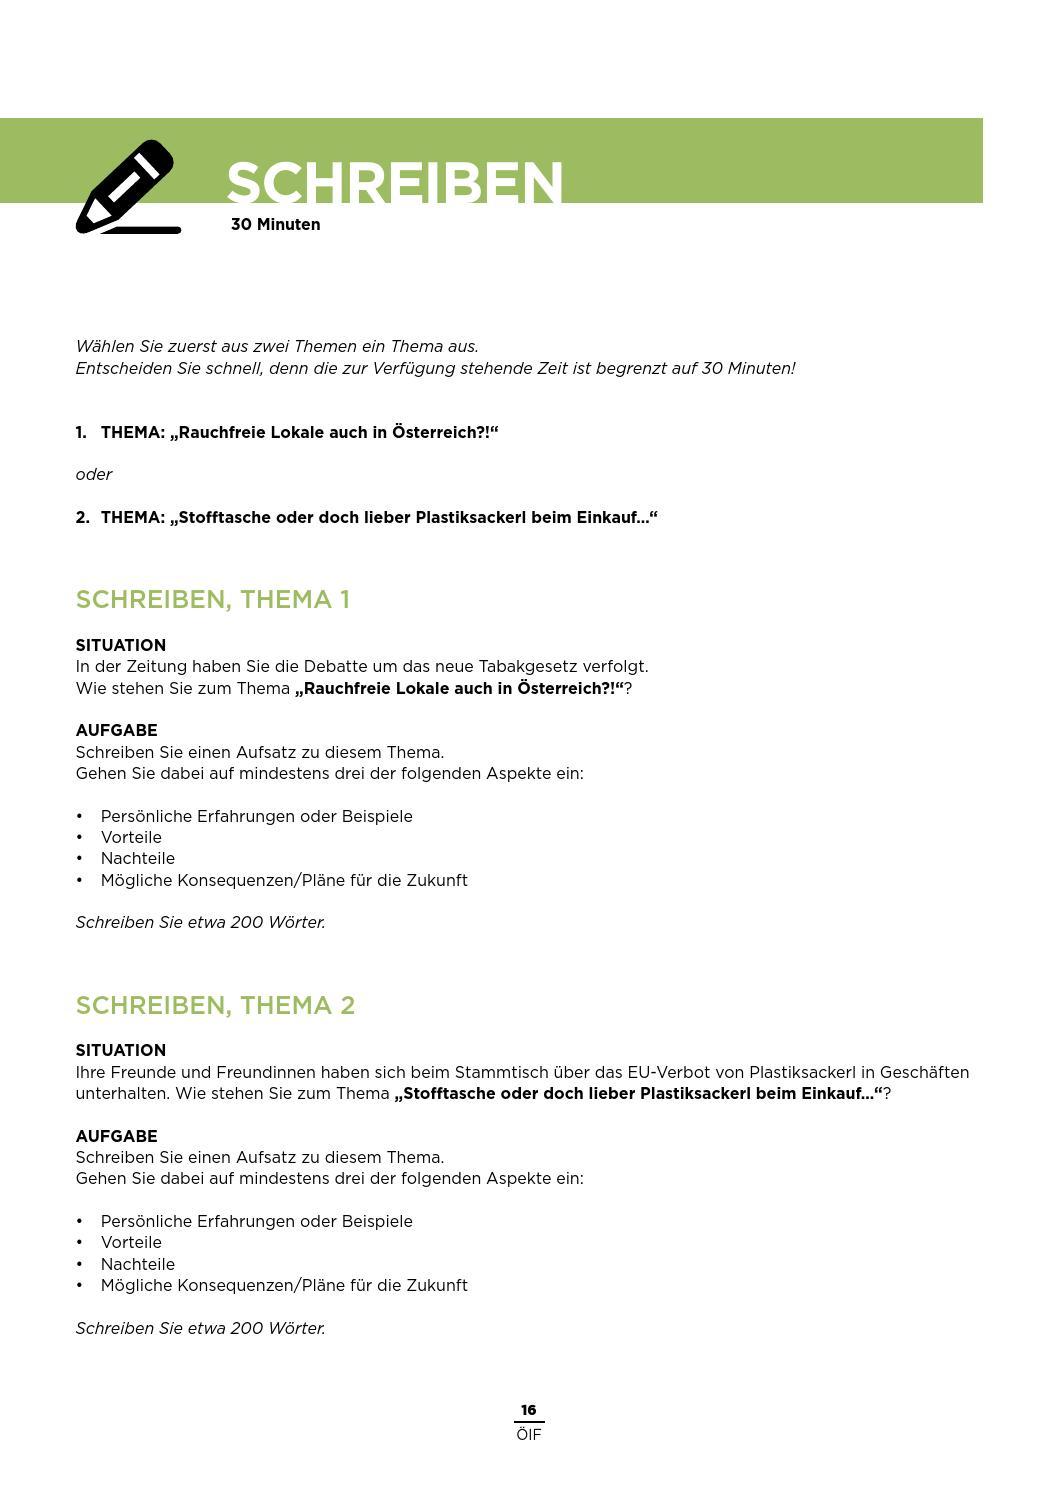 B2-ÖIF Übungstest 1 by Österreichischer Integrationsfonds - issuu